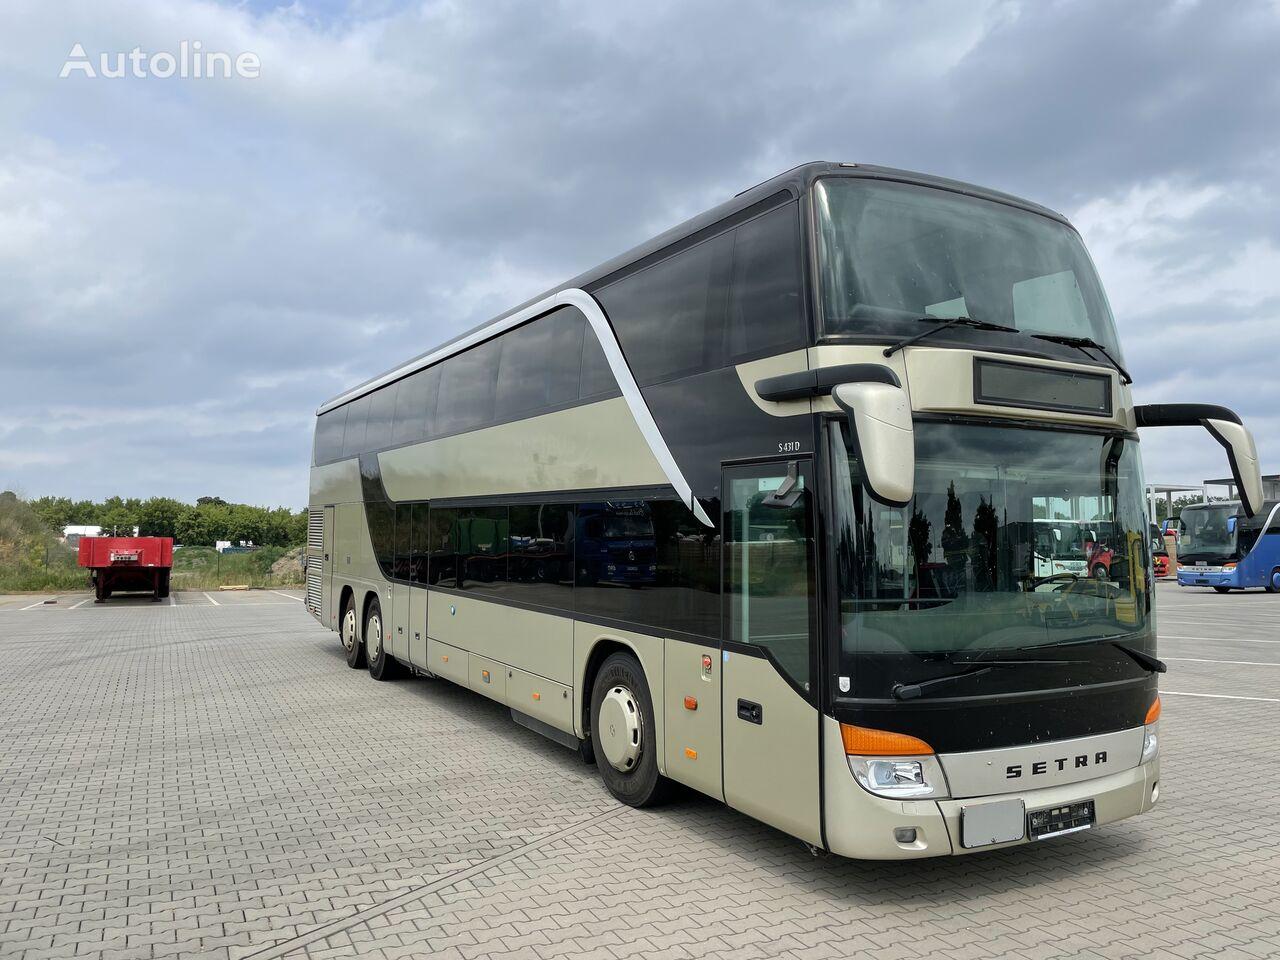 SETRA S 431 DT -EURO-5-Km.orig.651119 !!! çift katlı otobüs